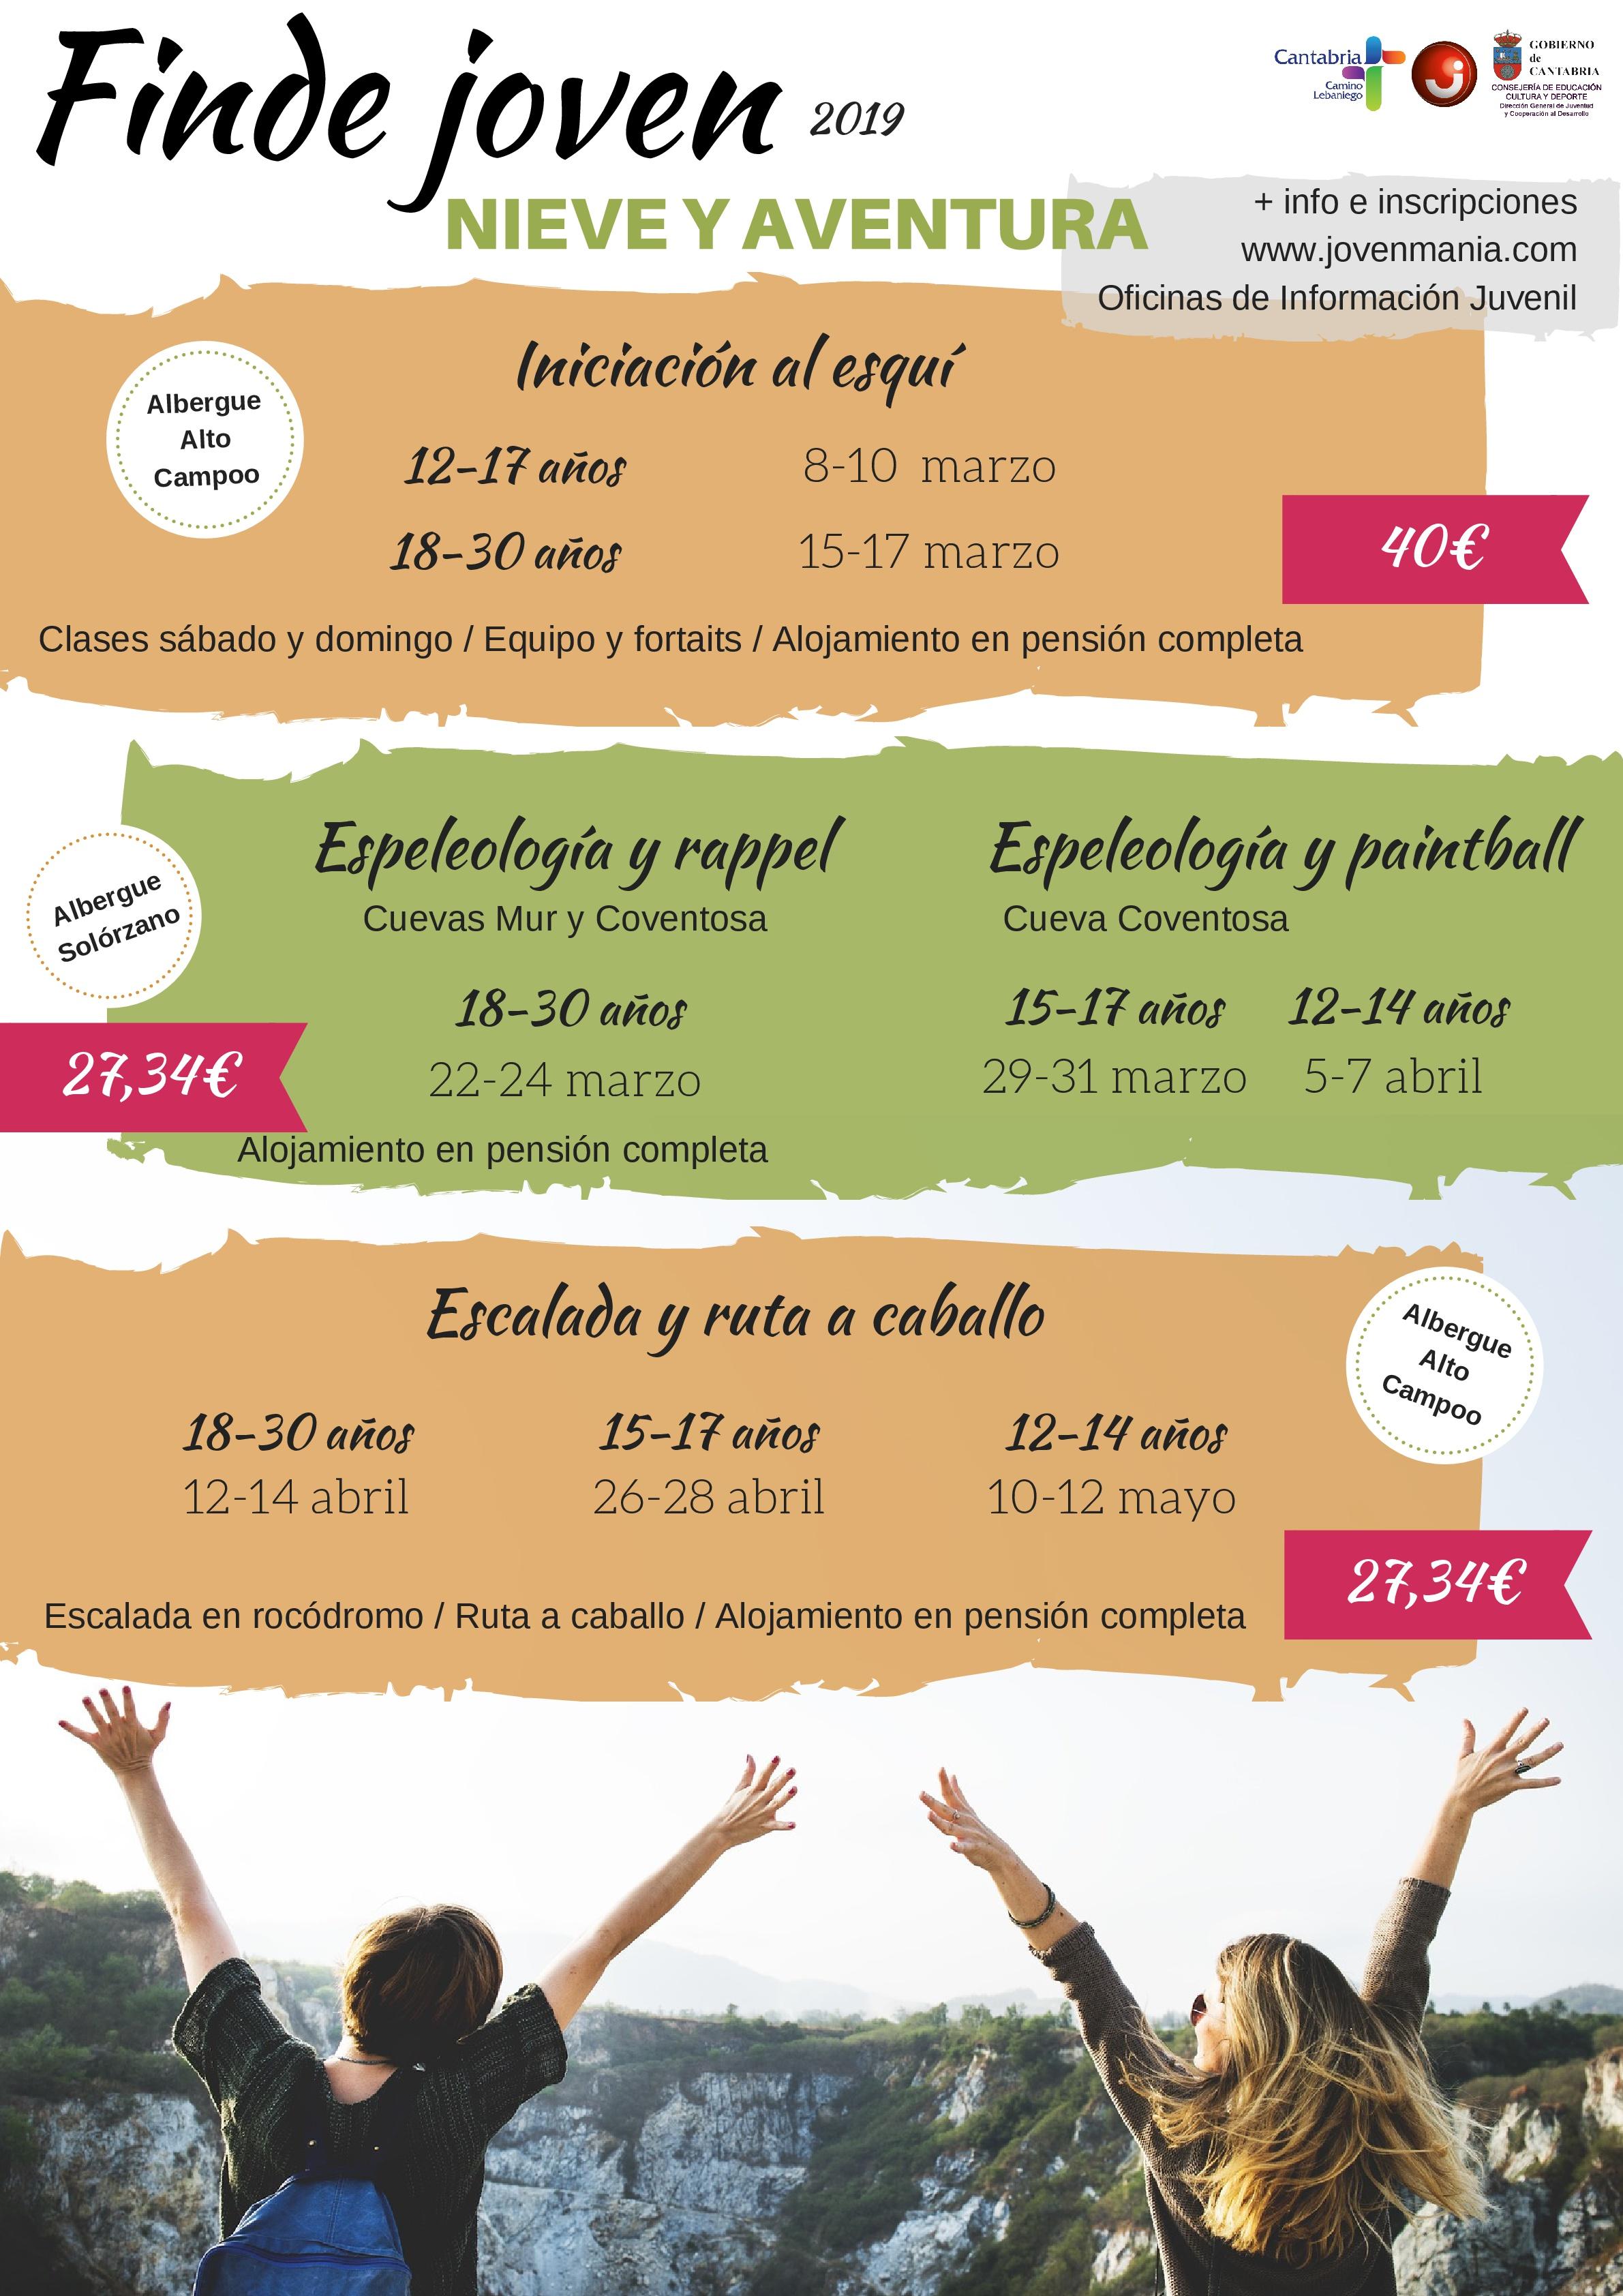 ESQUI, ESPELEOLOGIA, RAPPEL Y MAS EN LA NUEVA EDICION DE FindeJoven